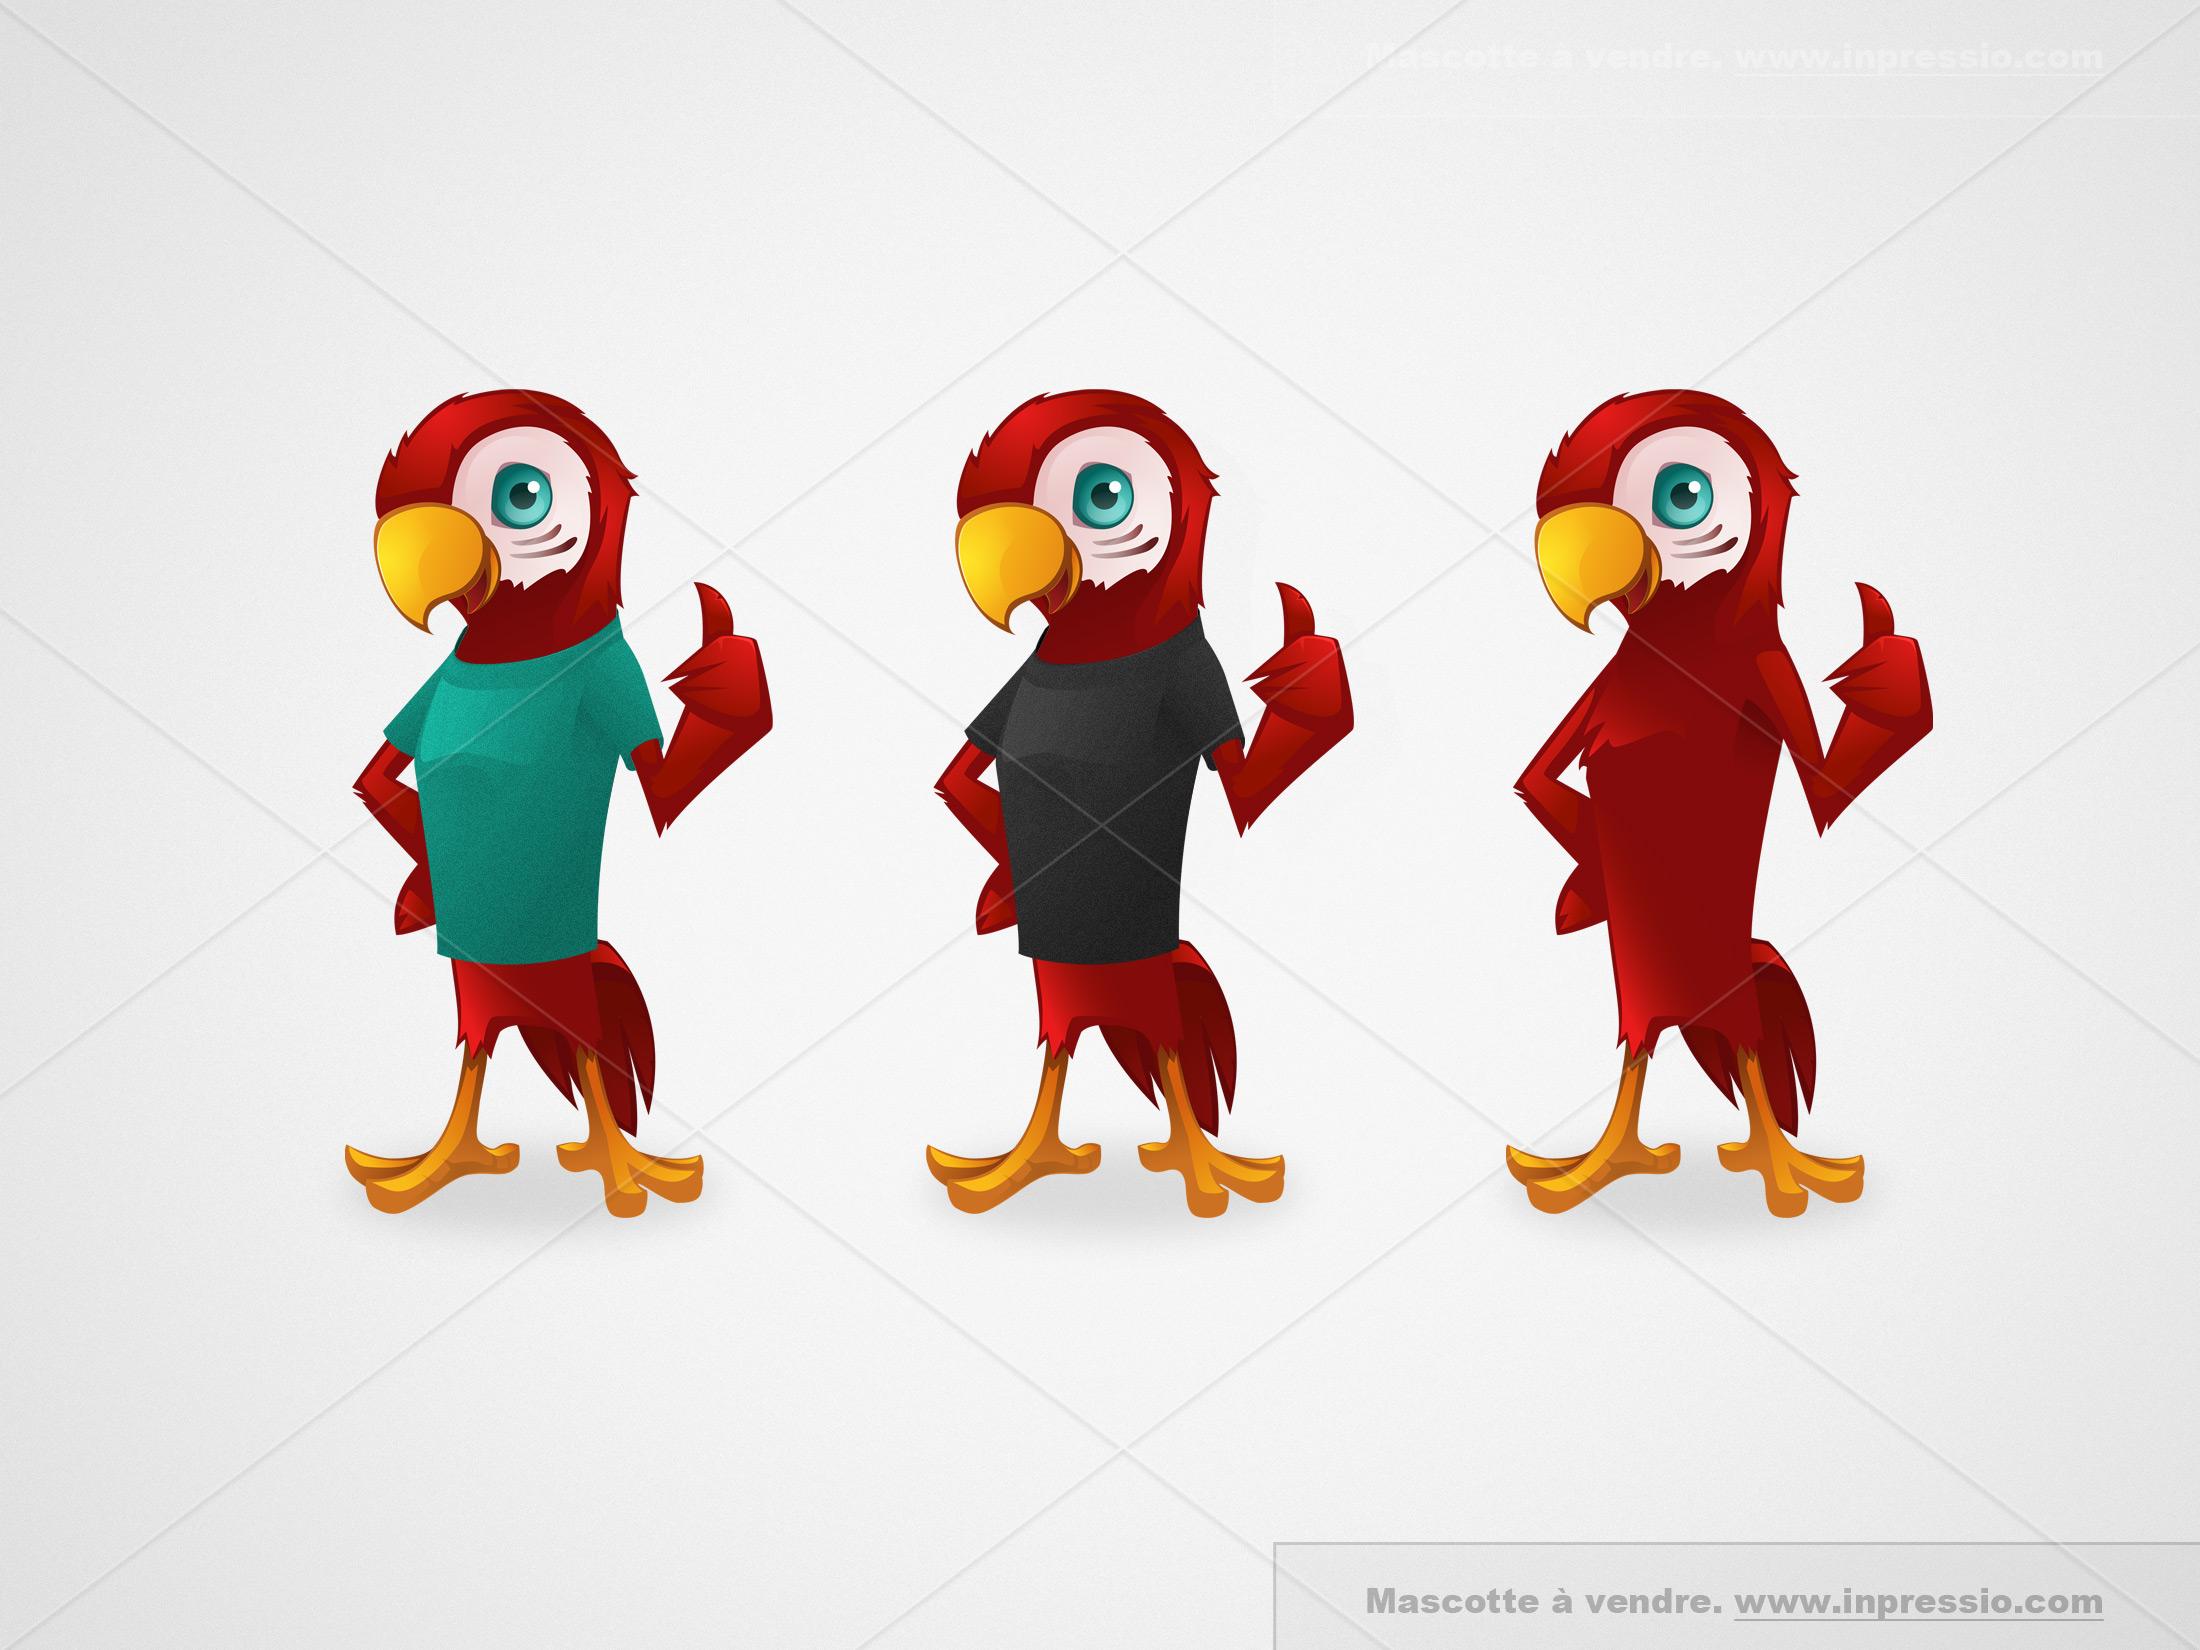 Parrot - Mascotte à vendre